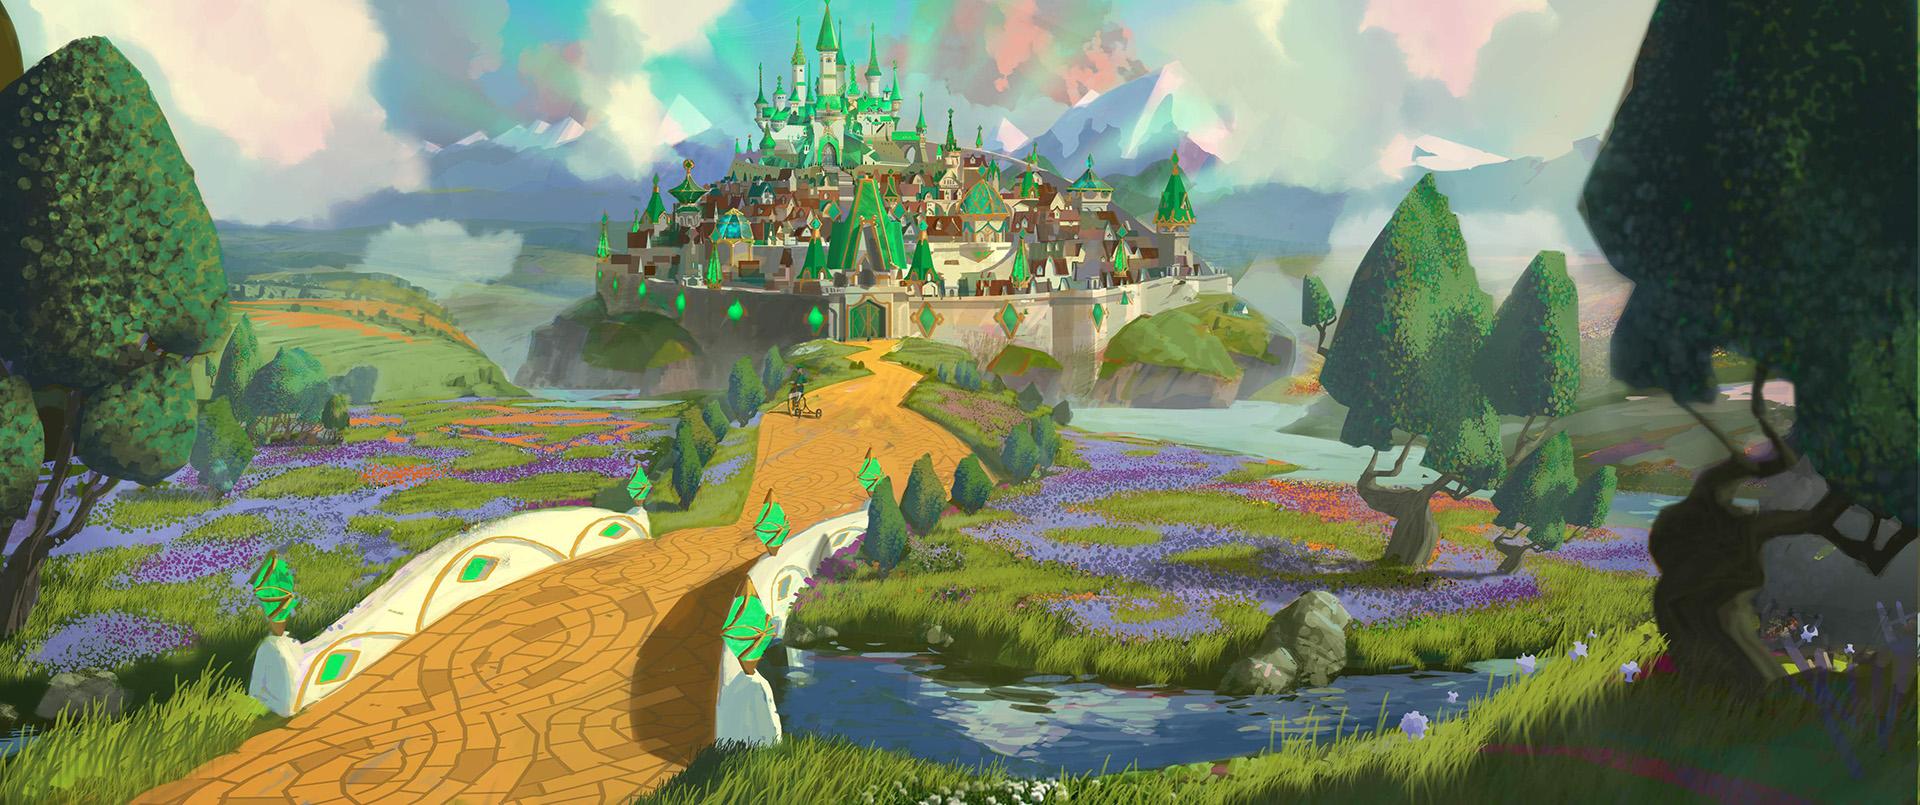 《绿野仙踪》魔幻冒险秀,开心成长路 - 狐狸·梦见乌鸦 - 埋骨之地